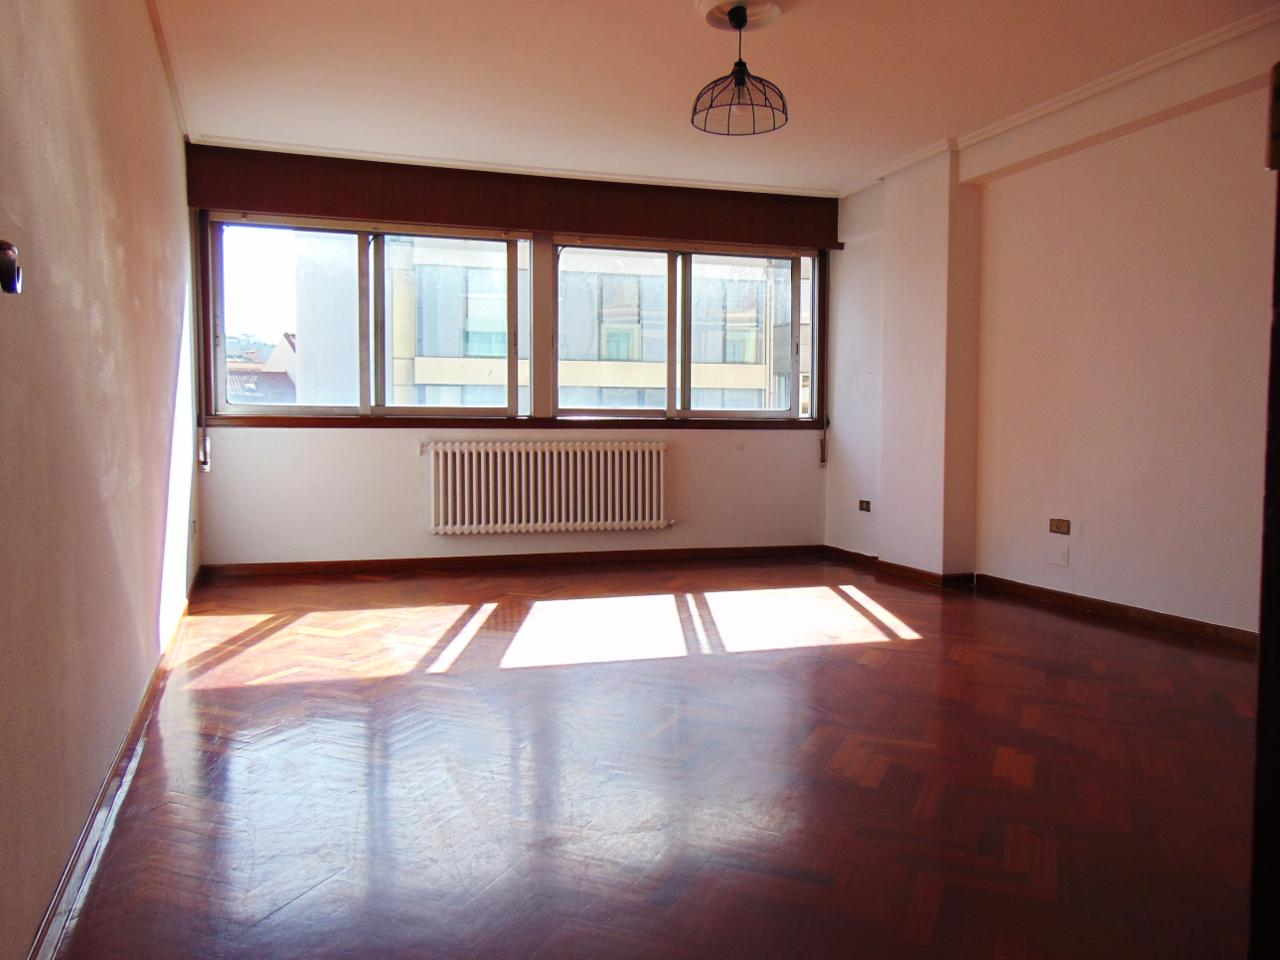 Piso en venta en La Coruña de 150 m2